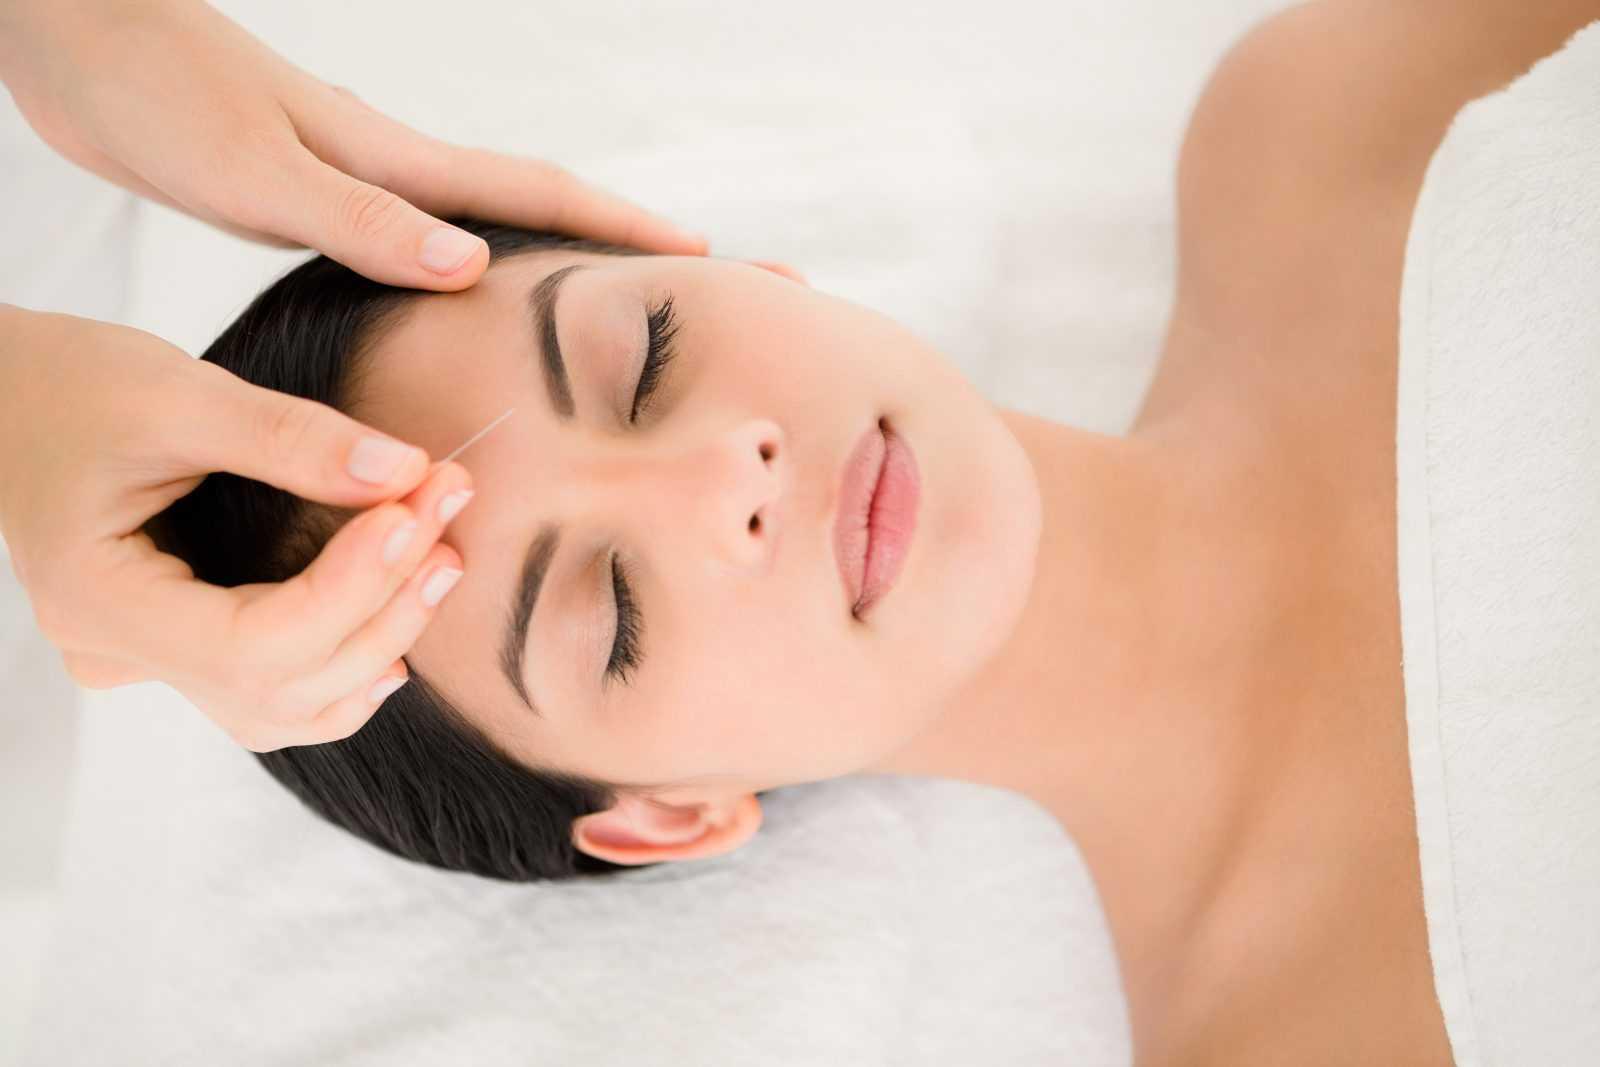 une femme en séance d'aculifting (lifting par acupuncture du visage)